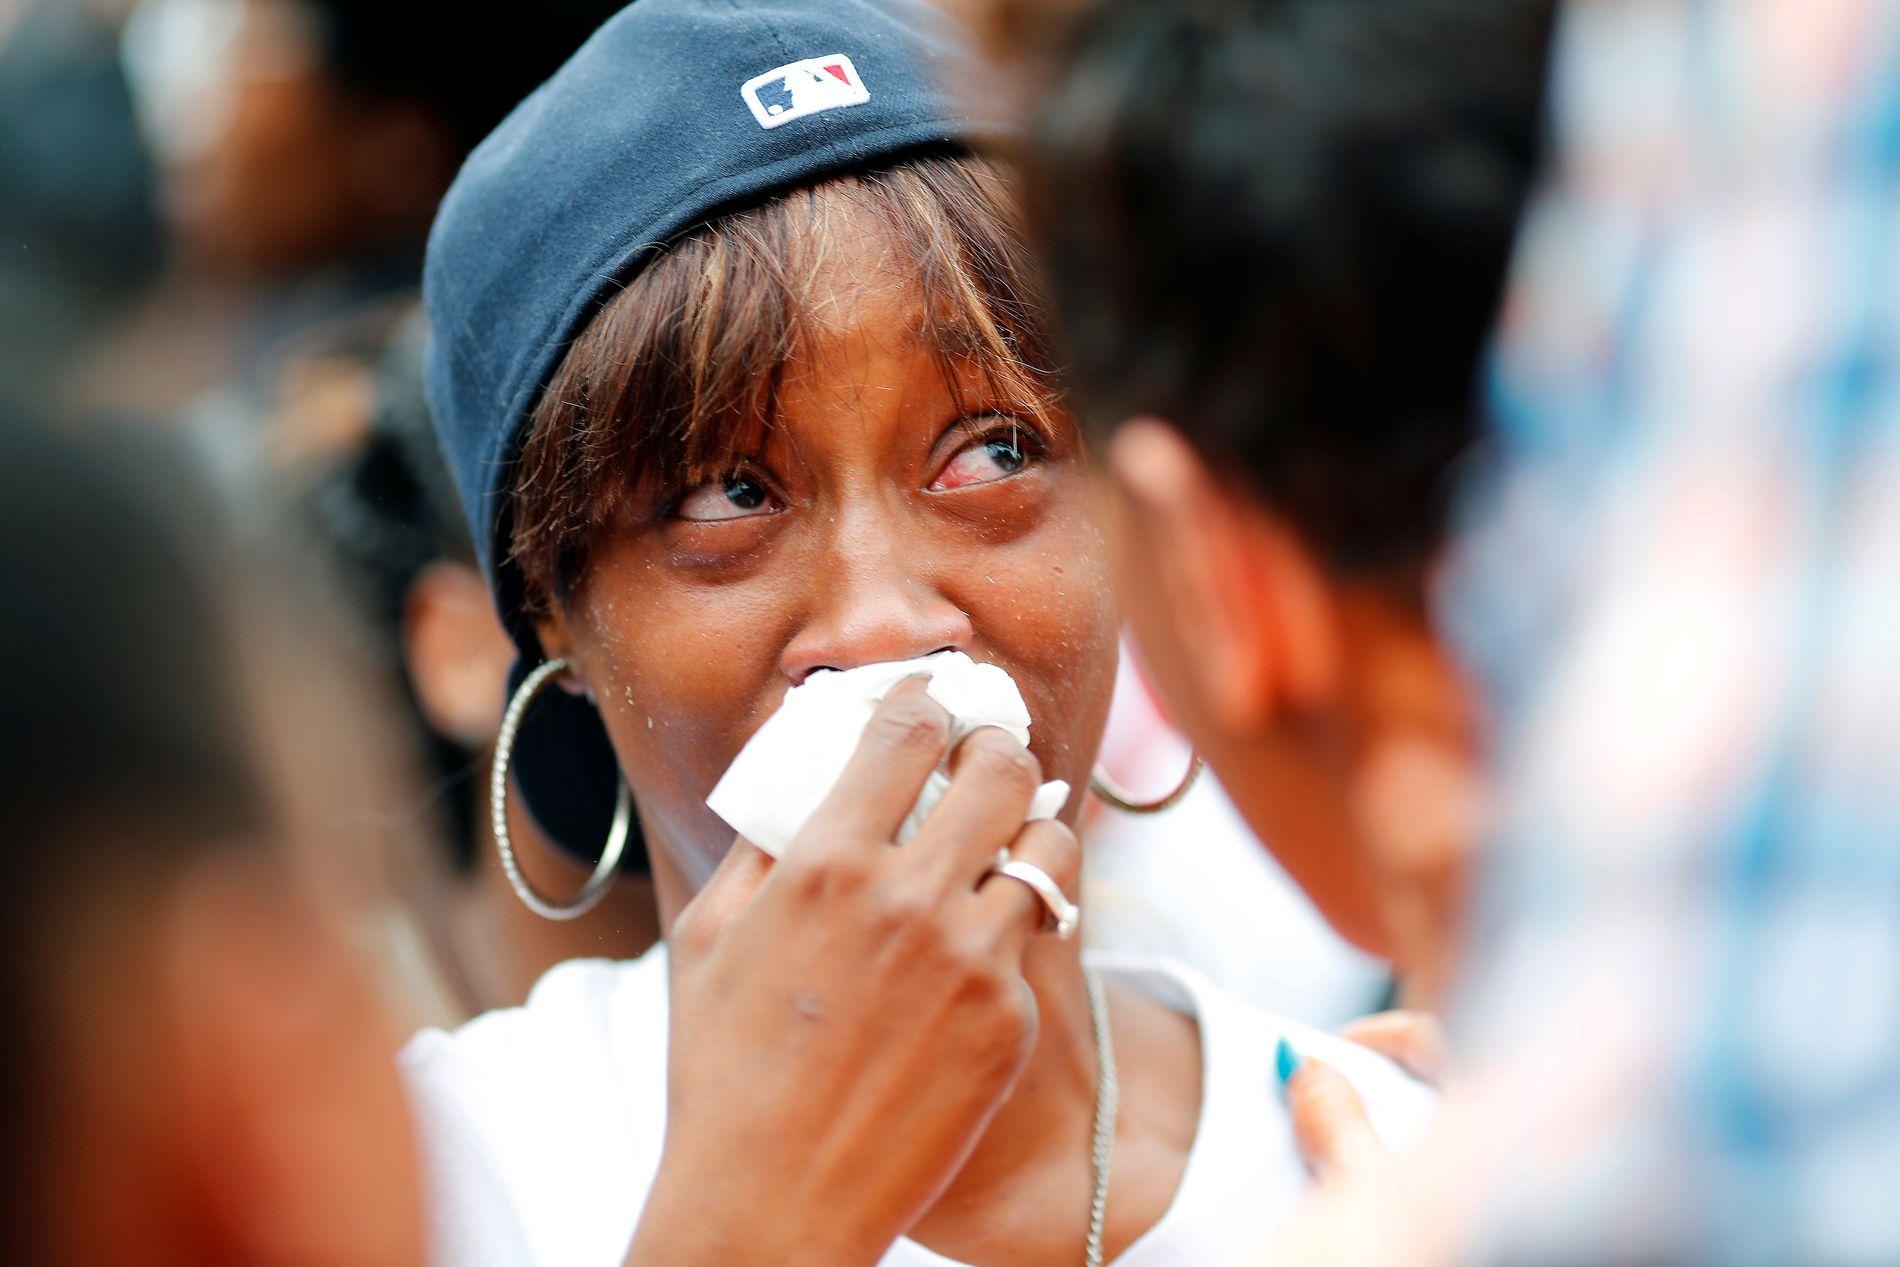 BER OM RETTFERDIGHET: Diamond Reynolds' forlovede Philando Castile ble skutt og drept av politiet i Minnesota denne uken. Nå sier hun til CNN at skytingen mot politi i Dallas ikke bare handler om denne ukens hendelser. Her er hun avbildet torsdag denne uken. Foto: REUTERS/Adam Bettcher